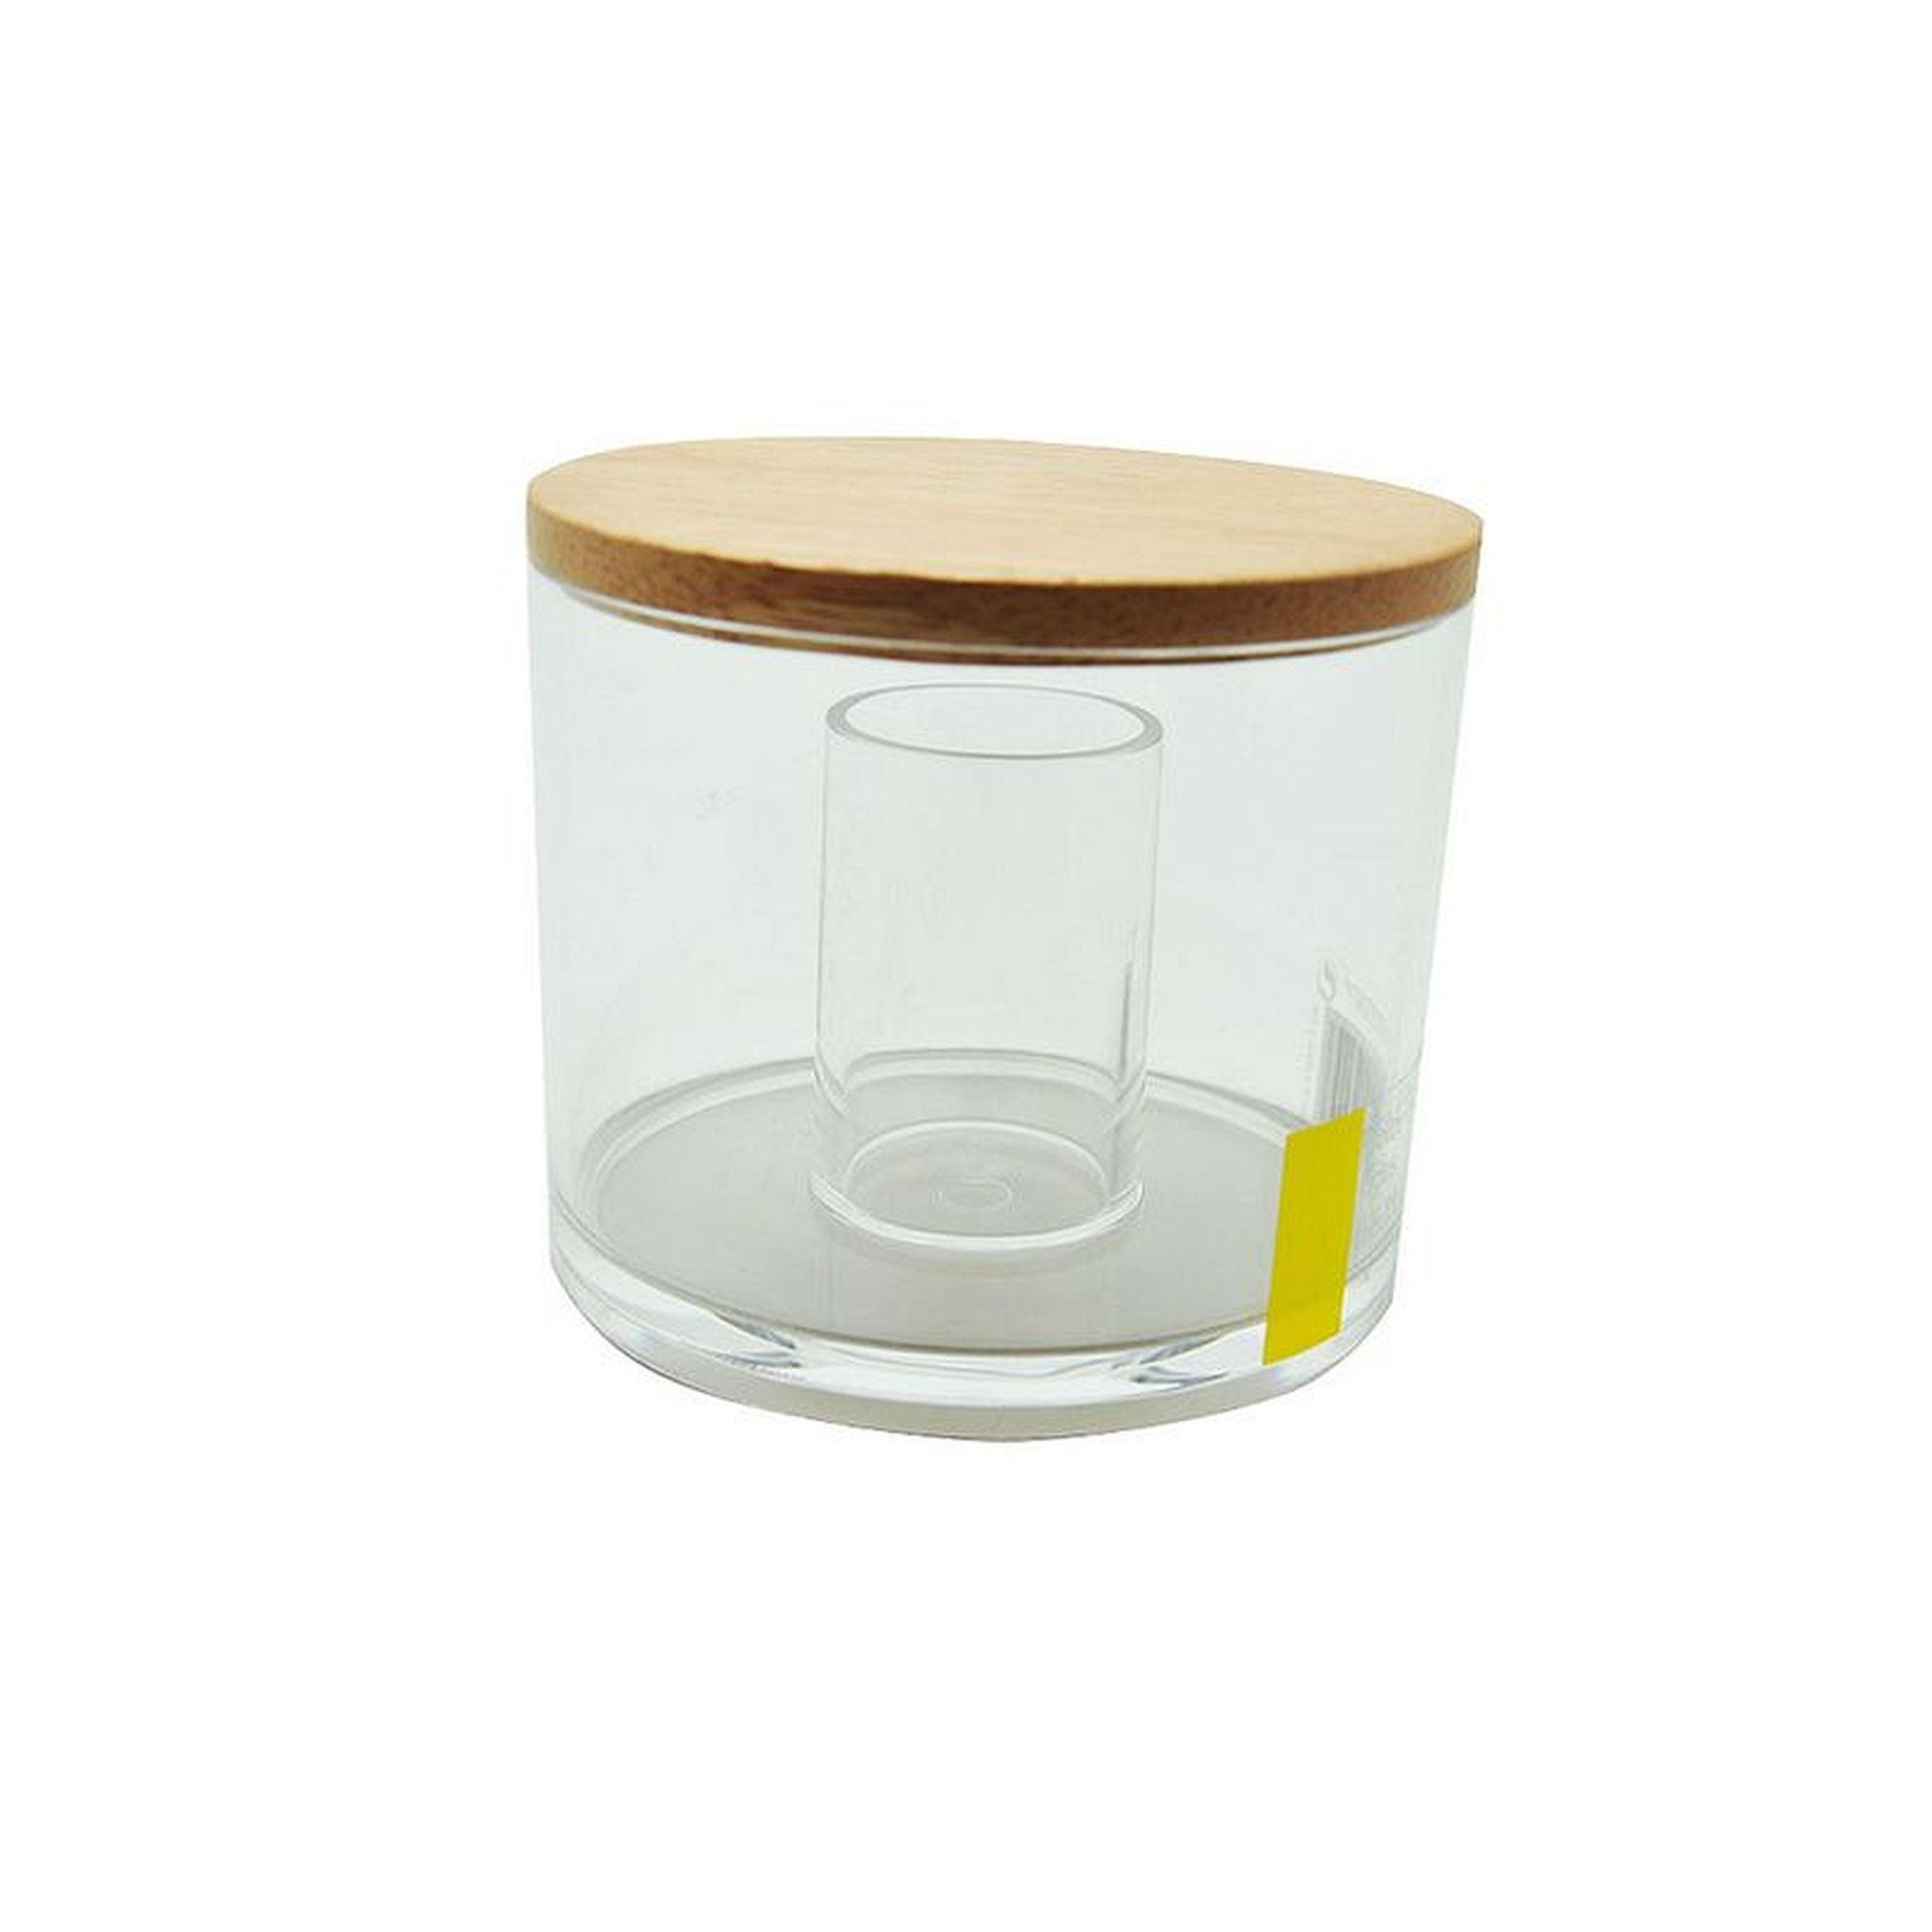 Taille L + Szie Cabilock Boule de Coton en Verre//Coton-Tige//Pot de Rangement Q-Tips Organisateur de Boule de Coton pour Salle de Bain